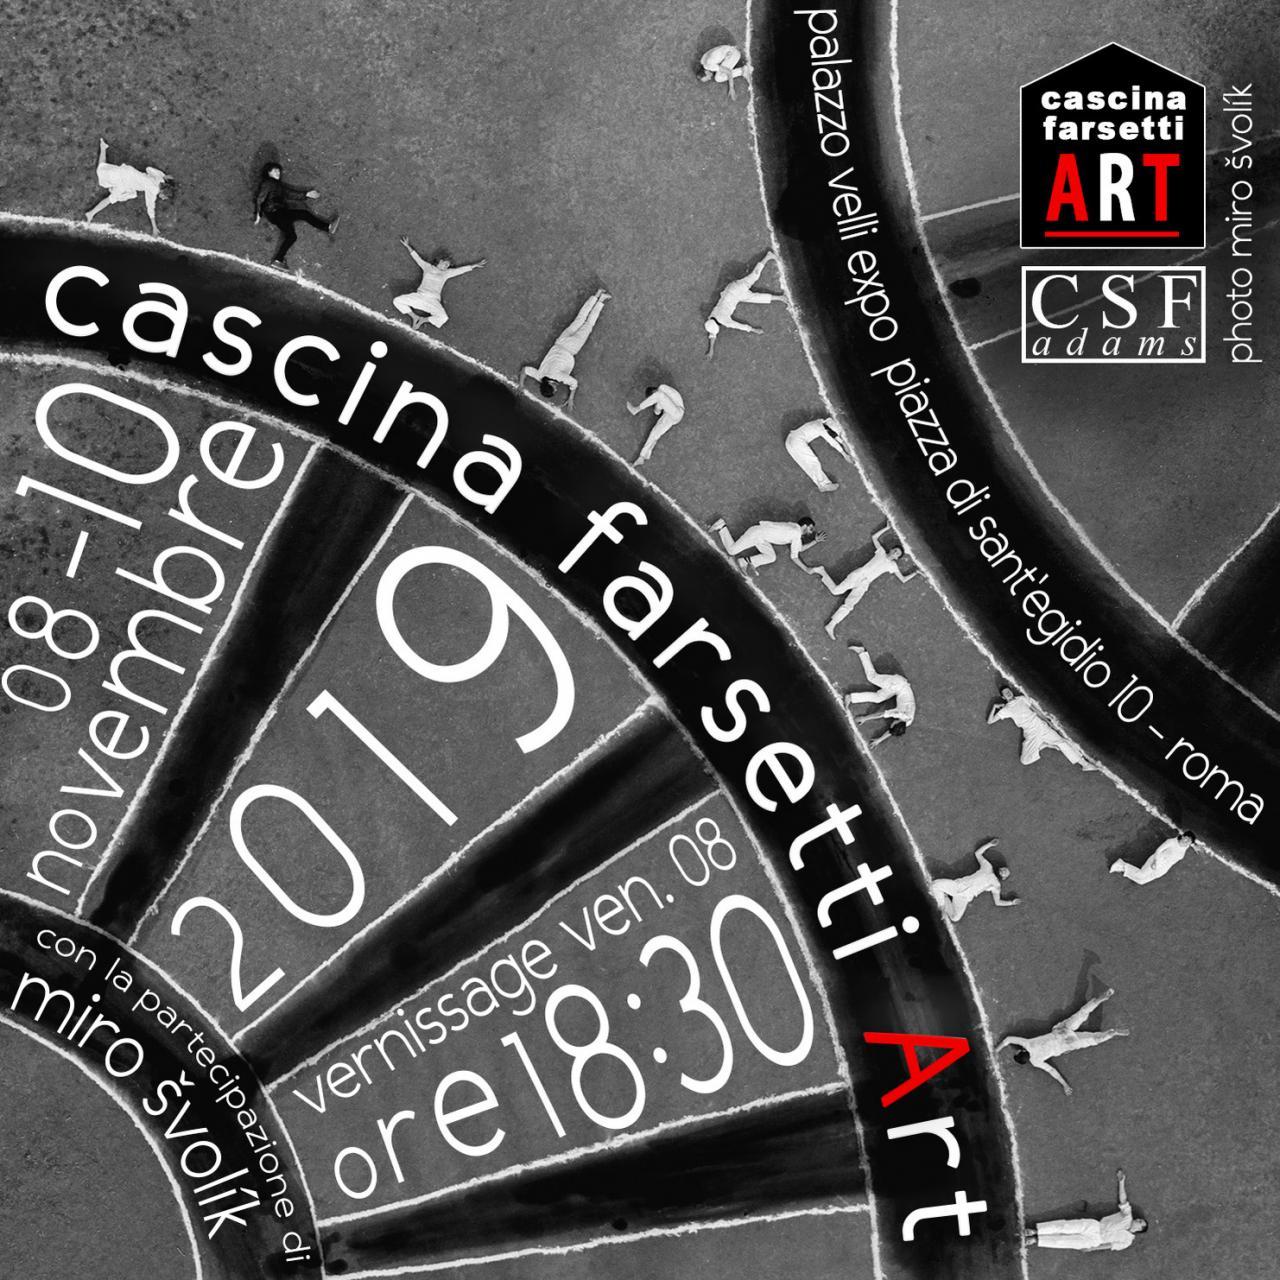 CascinafarsettiArt 2019